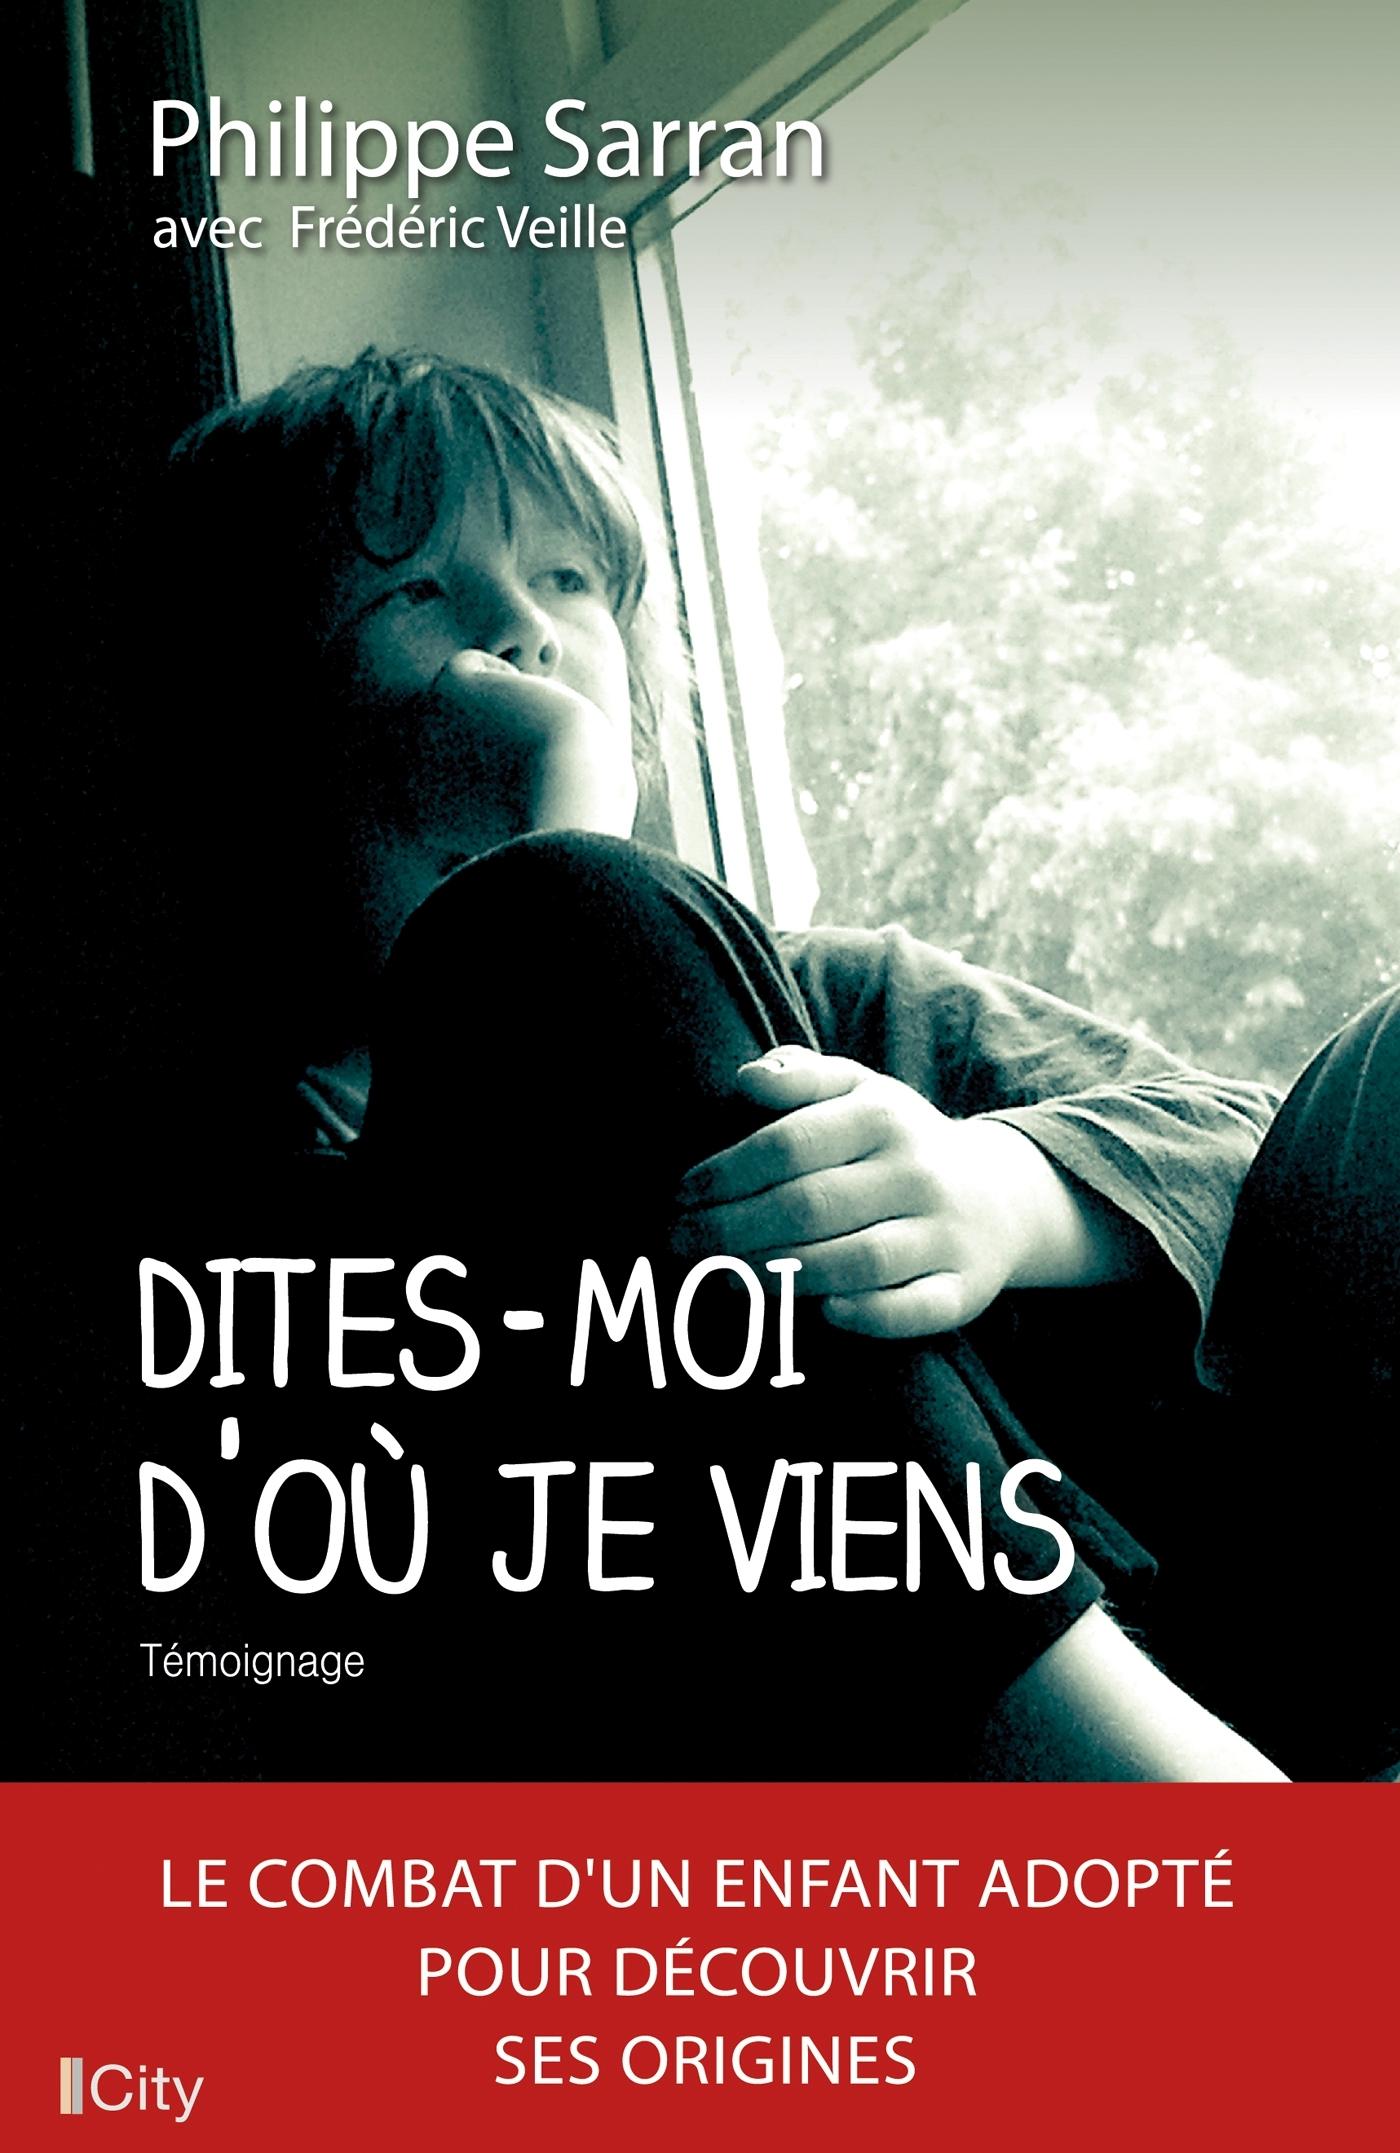 DITES-MOI D'OU JE VIENS